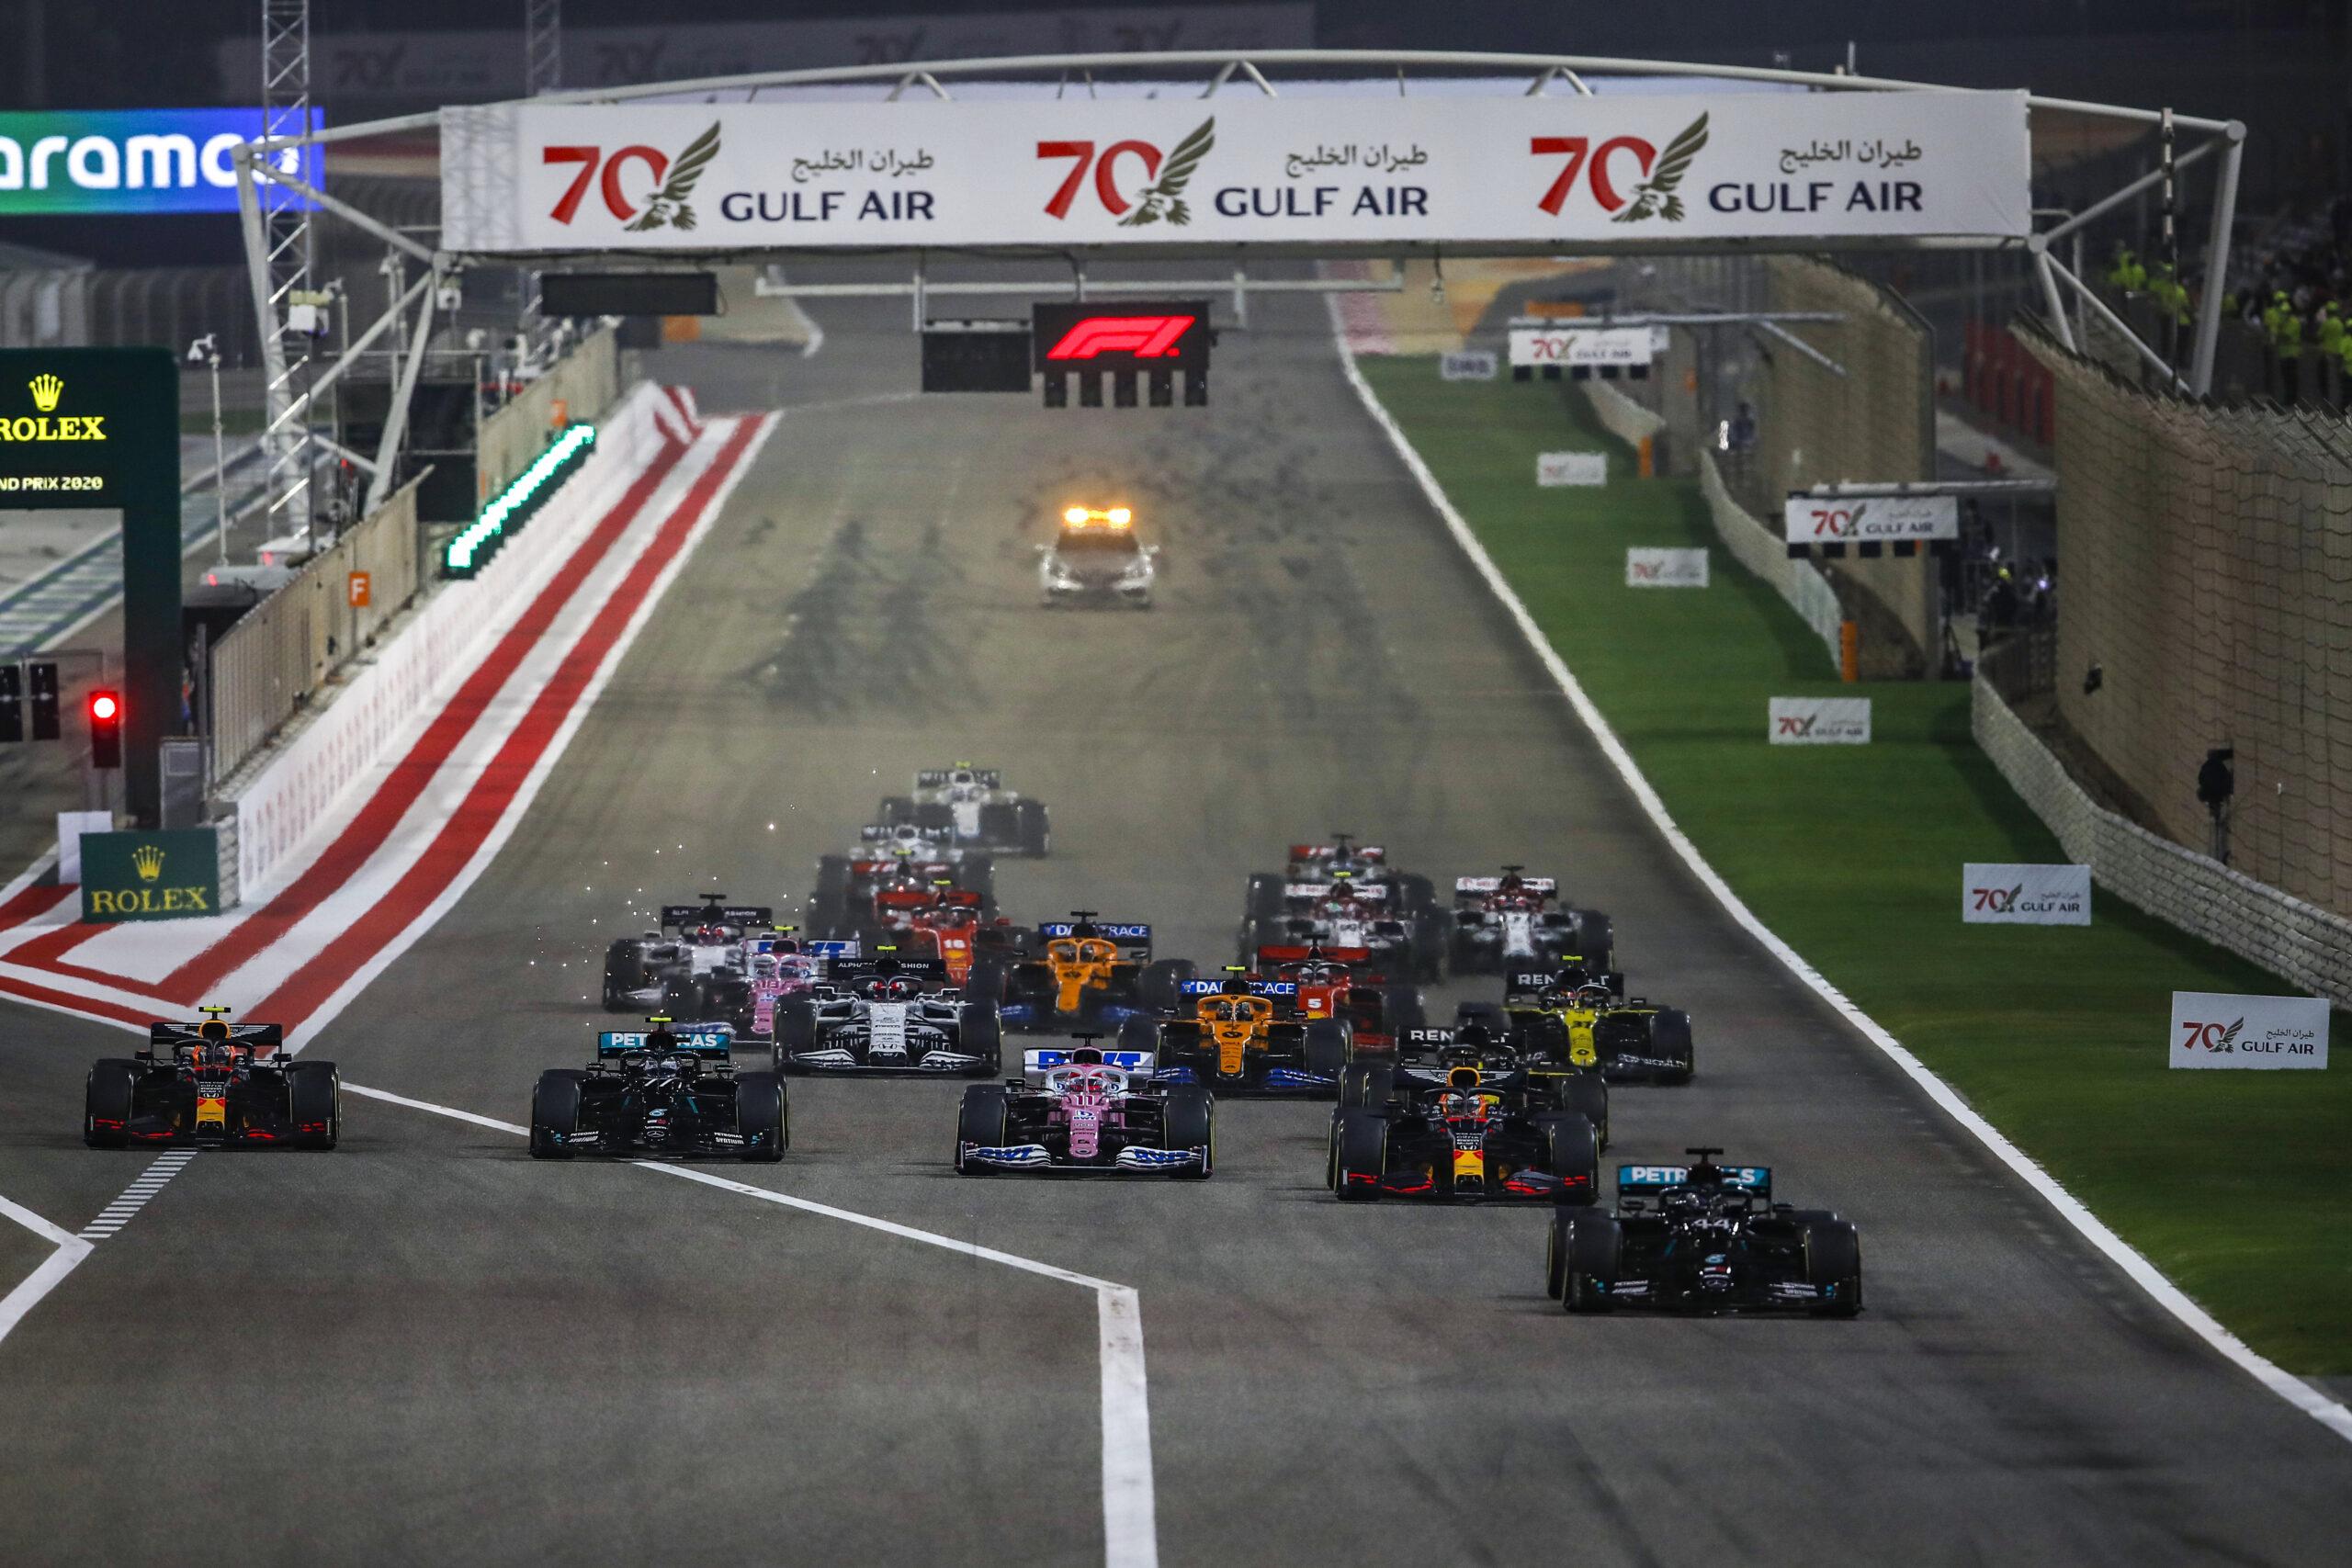 Foto de Raio-X do GP do Bahrein